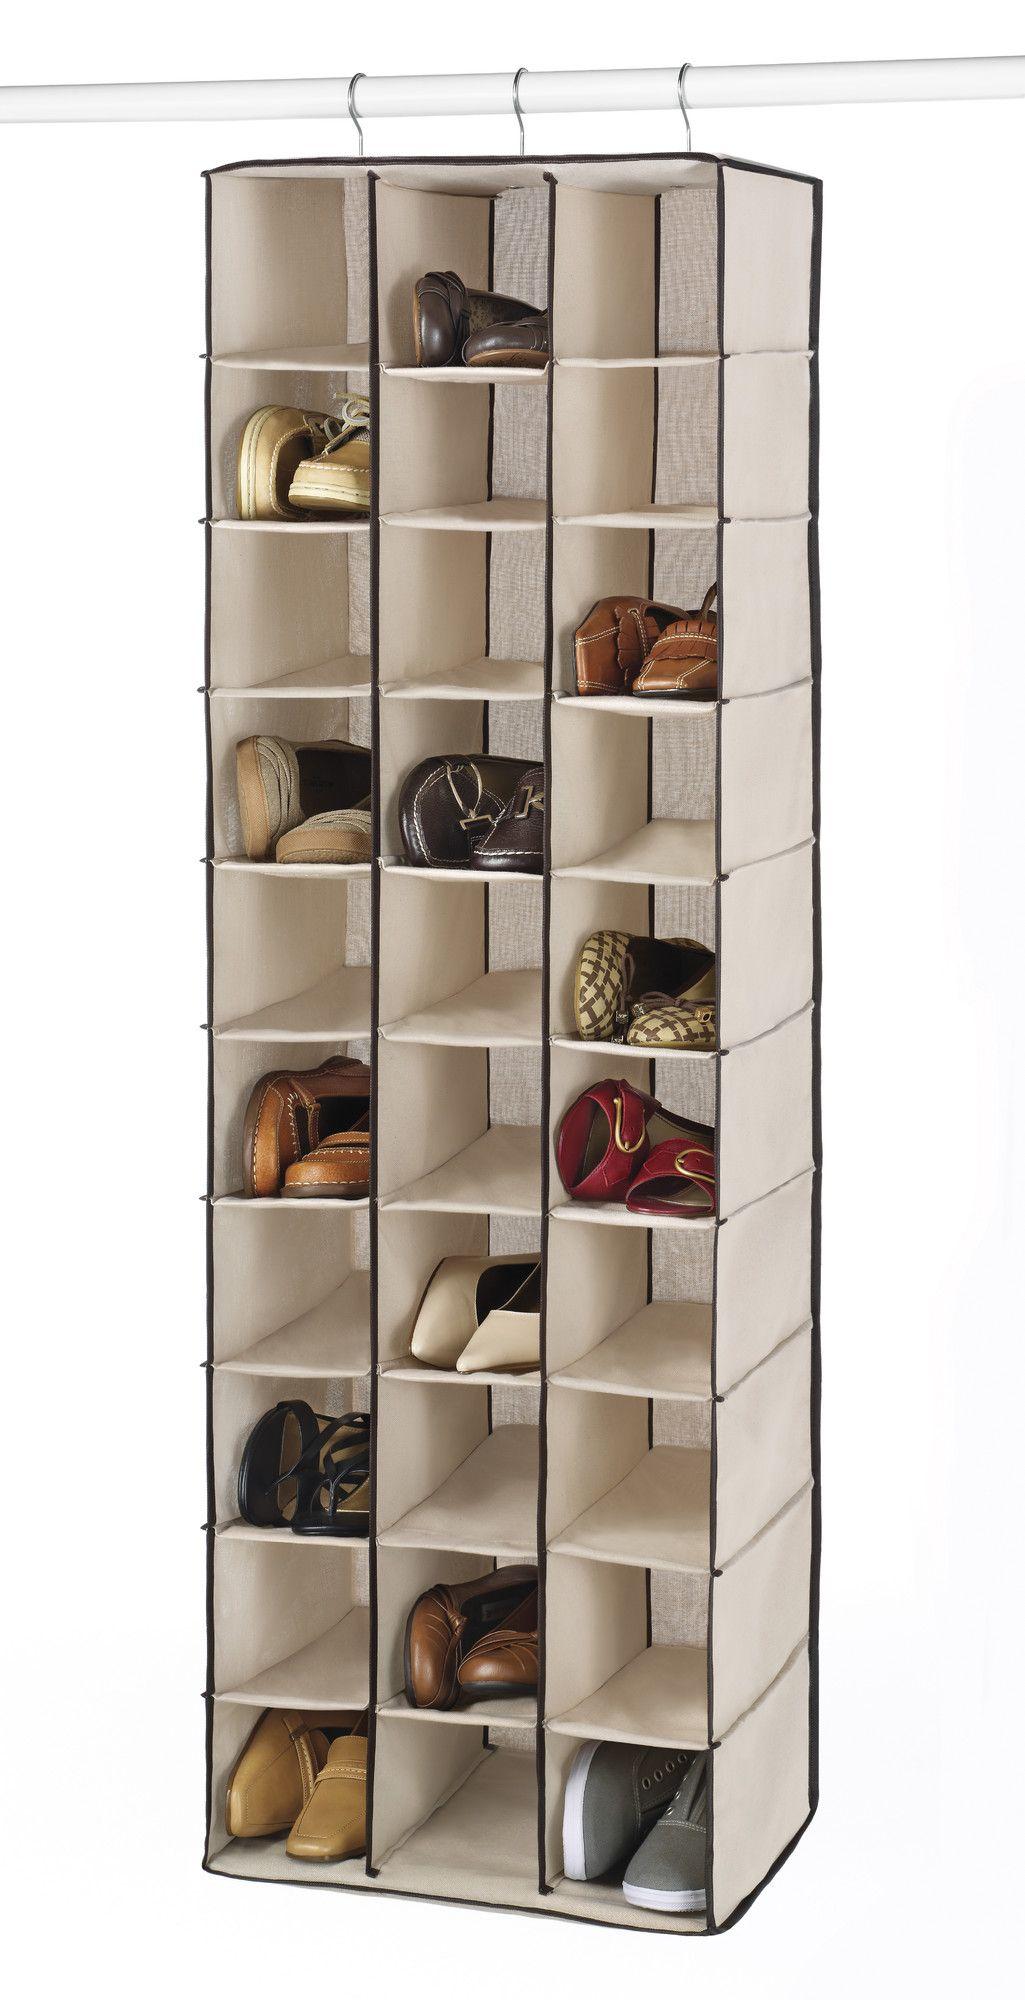 30 pair hanging shoe organizer